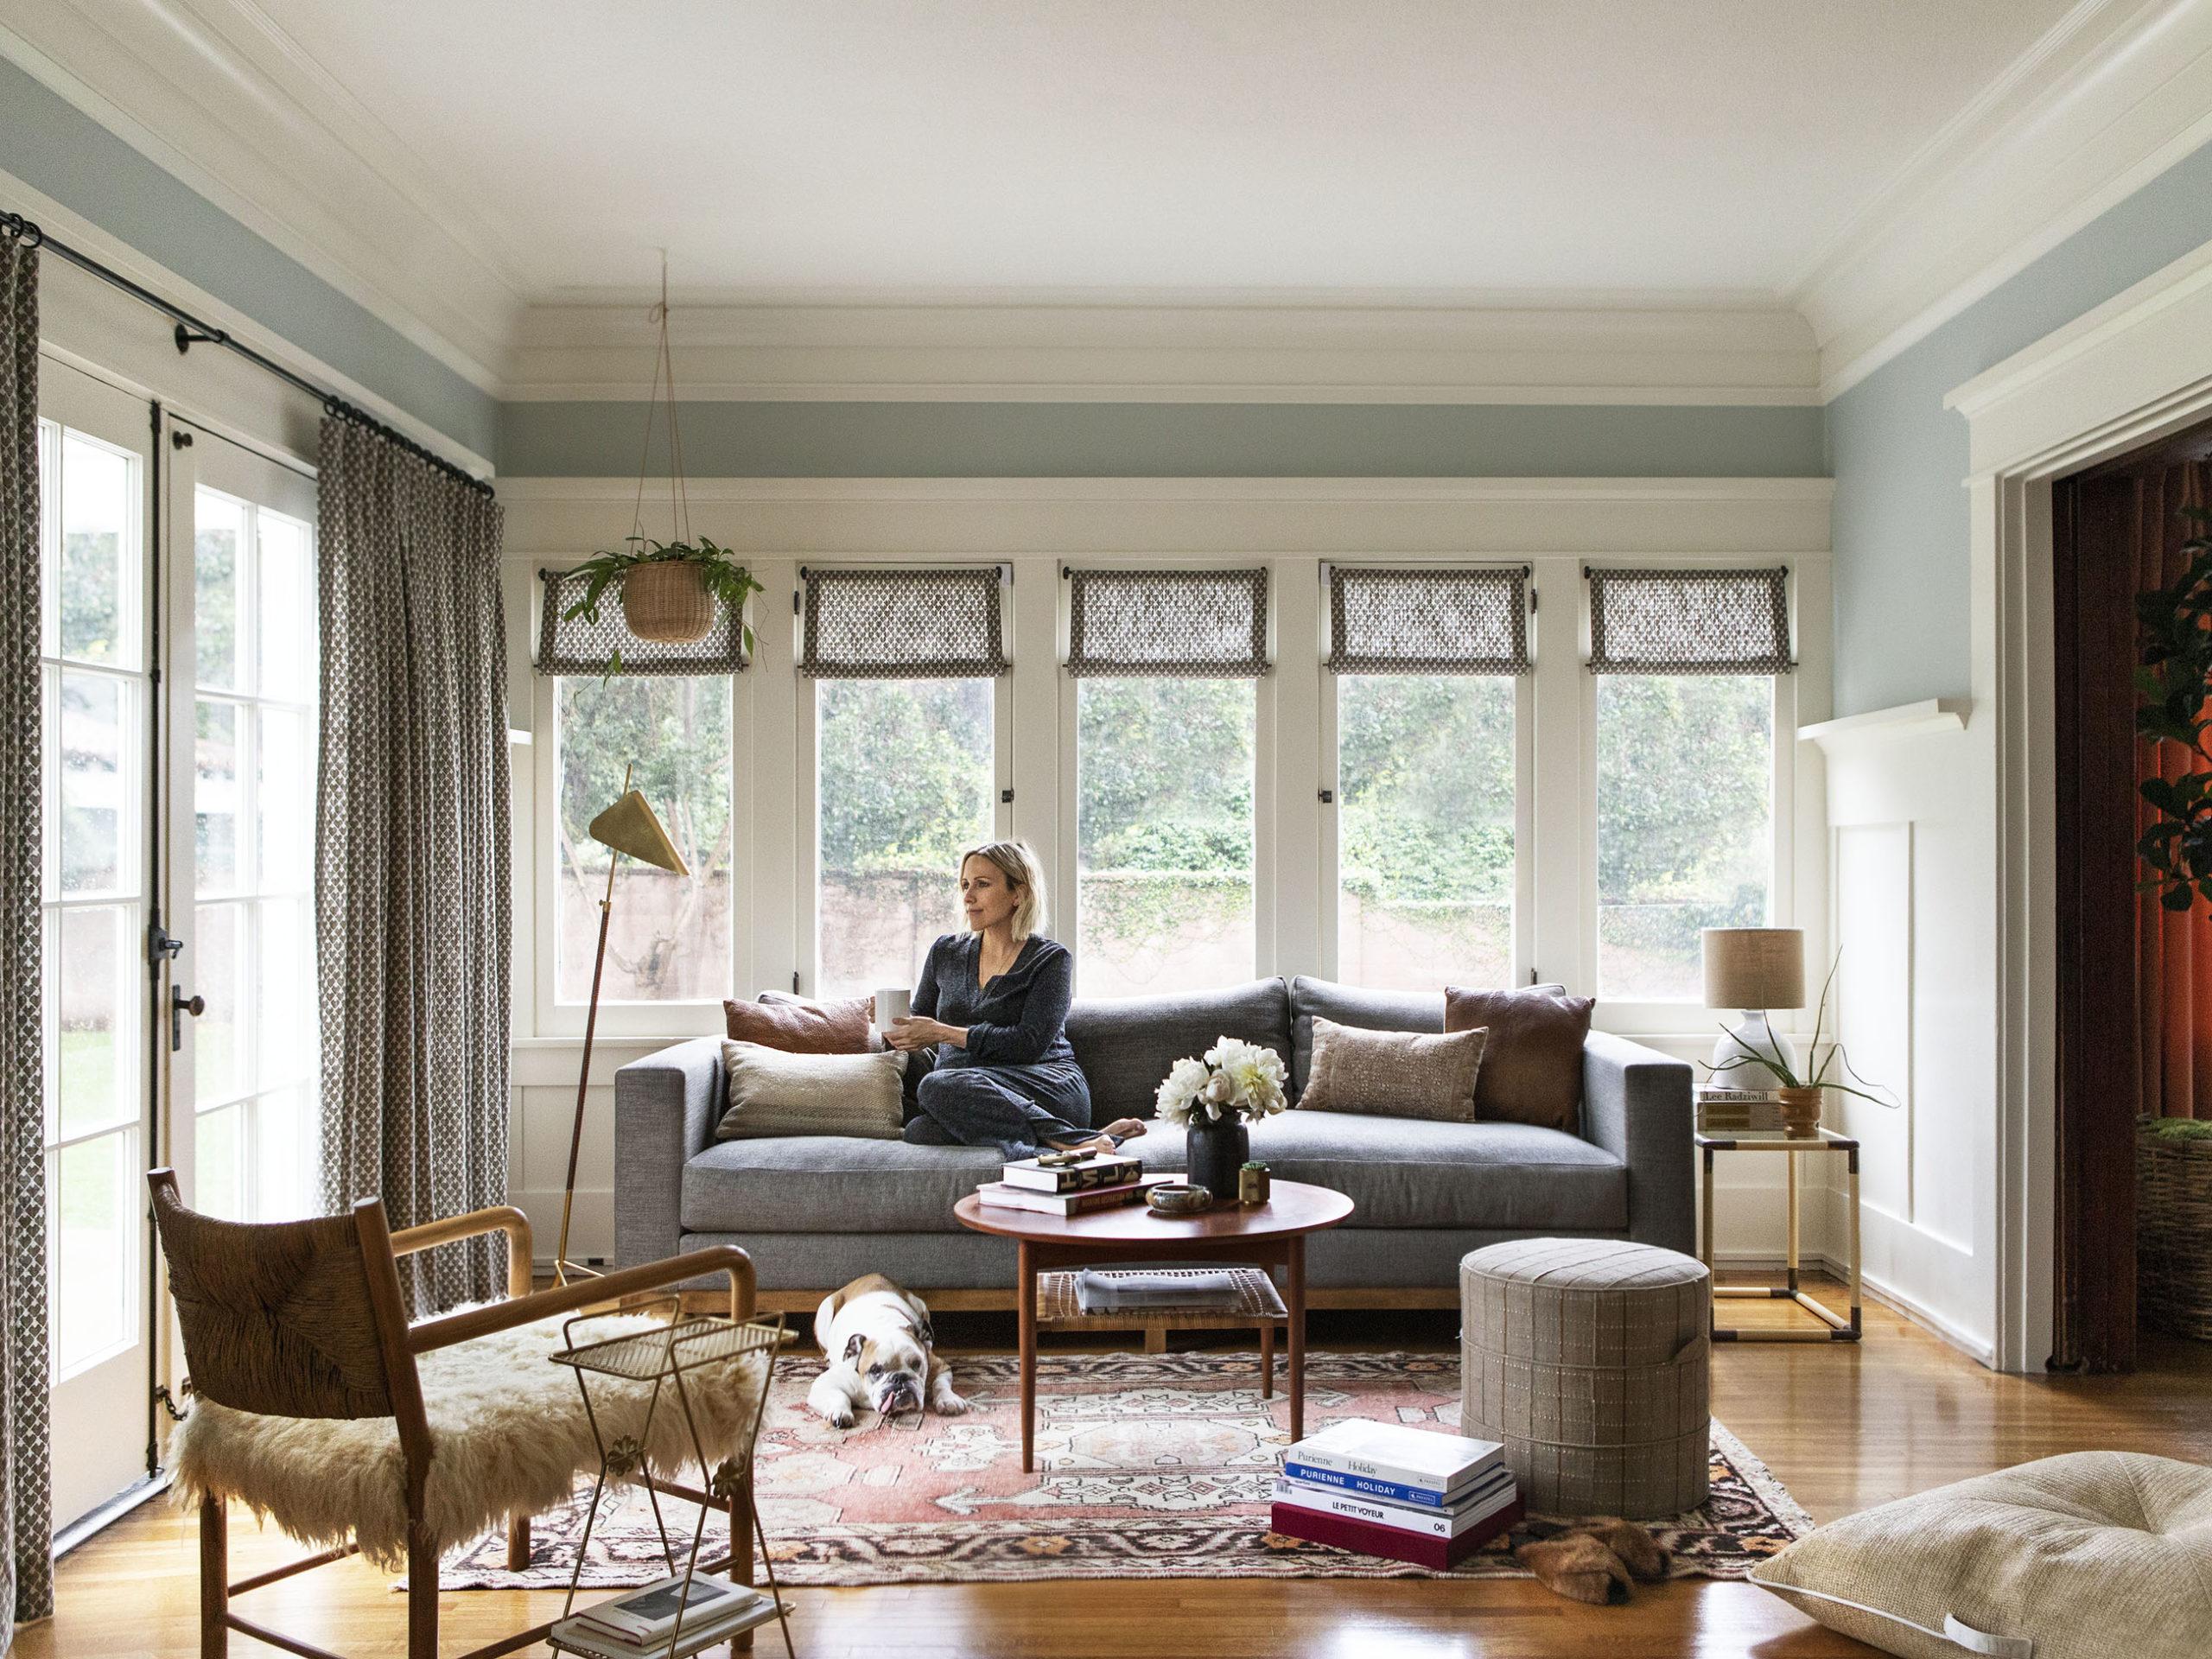 salon confortable avec des touches personnalisées | visite de maison d'artisan historique moderne jacey duprie